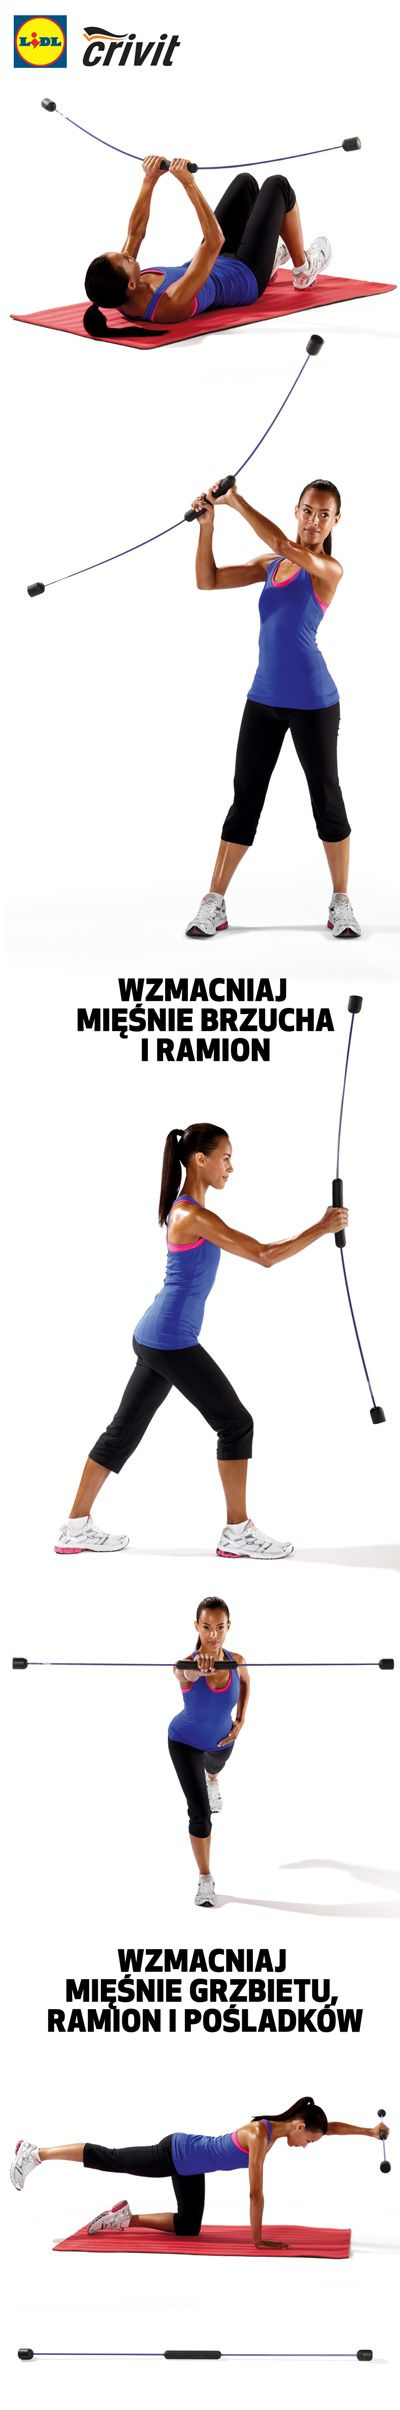 Drążek Swing Stick to przyrząd, za pomocą którego każdy może wzmacnia mięśnie niemal całego ciała. Nieważne, czy jesteś sportowcem, amatorem czy początkującym. Nieważne, czy masz 15, 35 czy 65 lat! #lidl #swingstick #drazek #trening #fitness